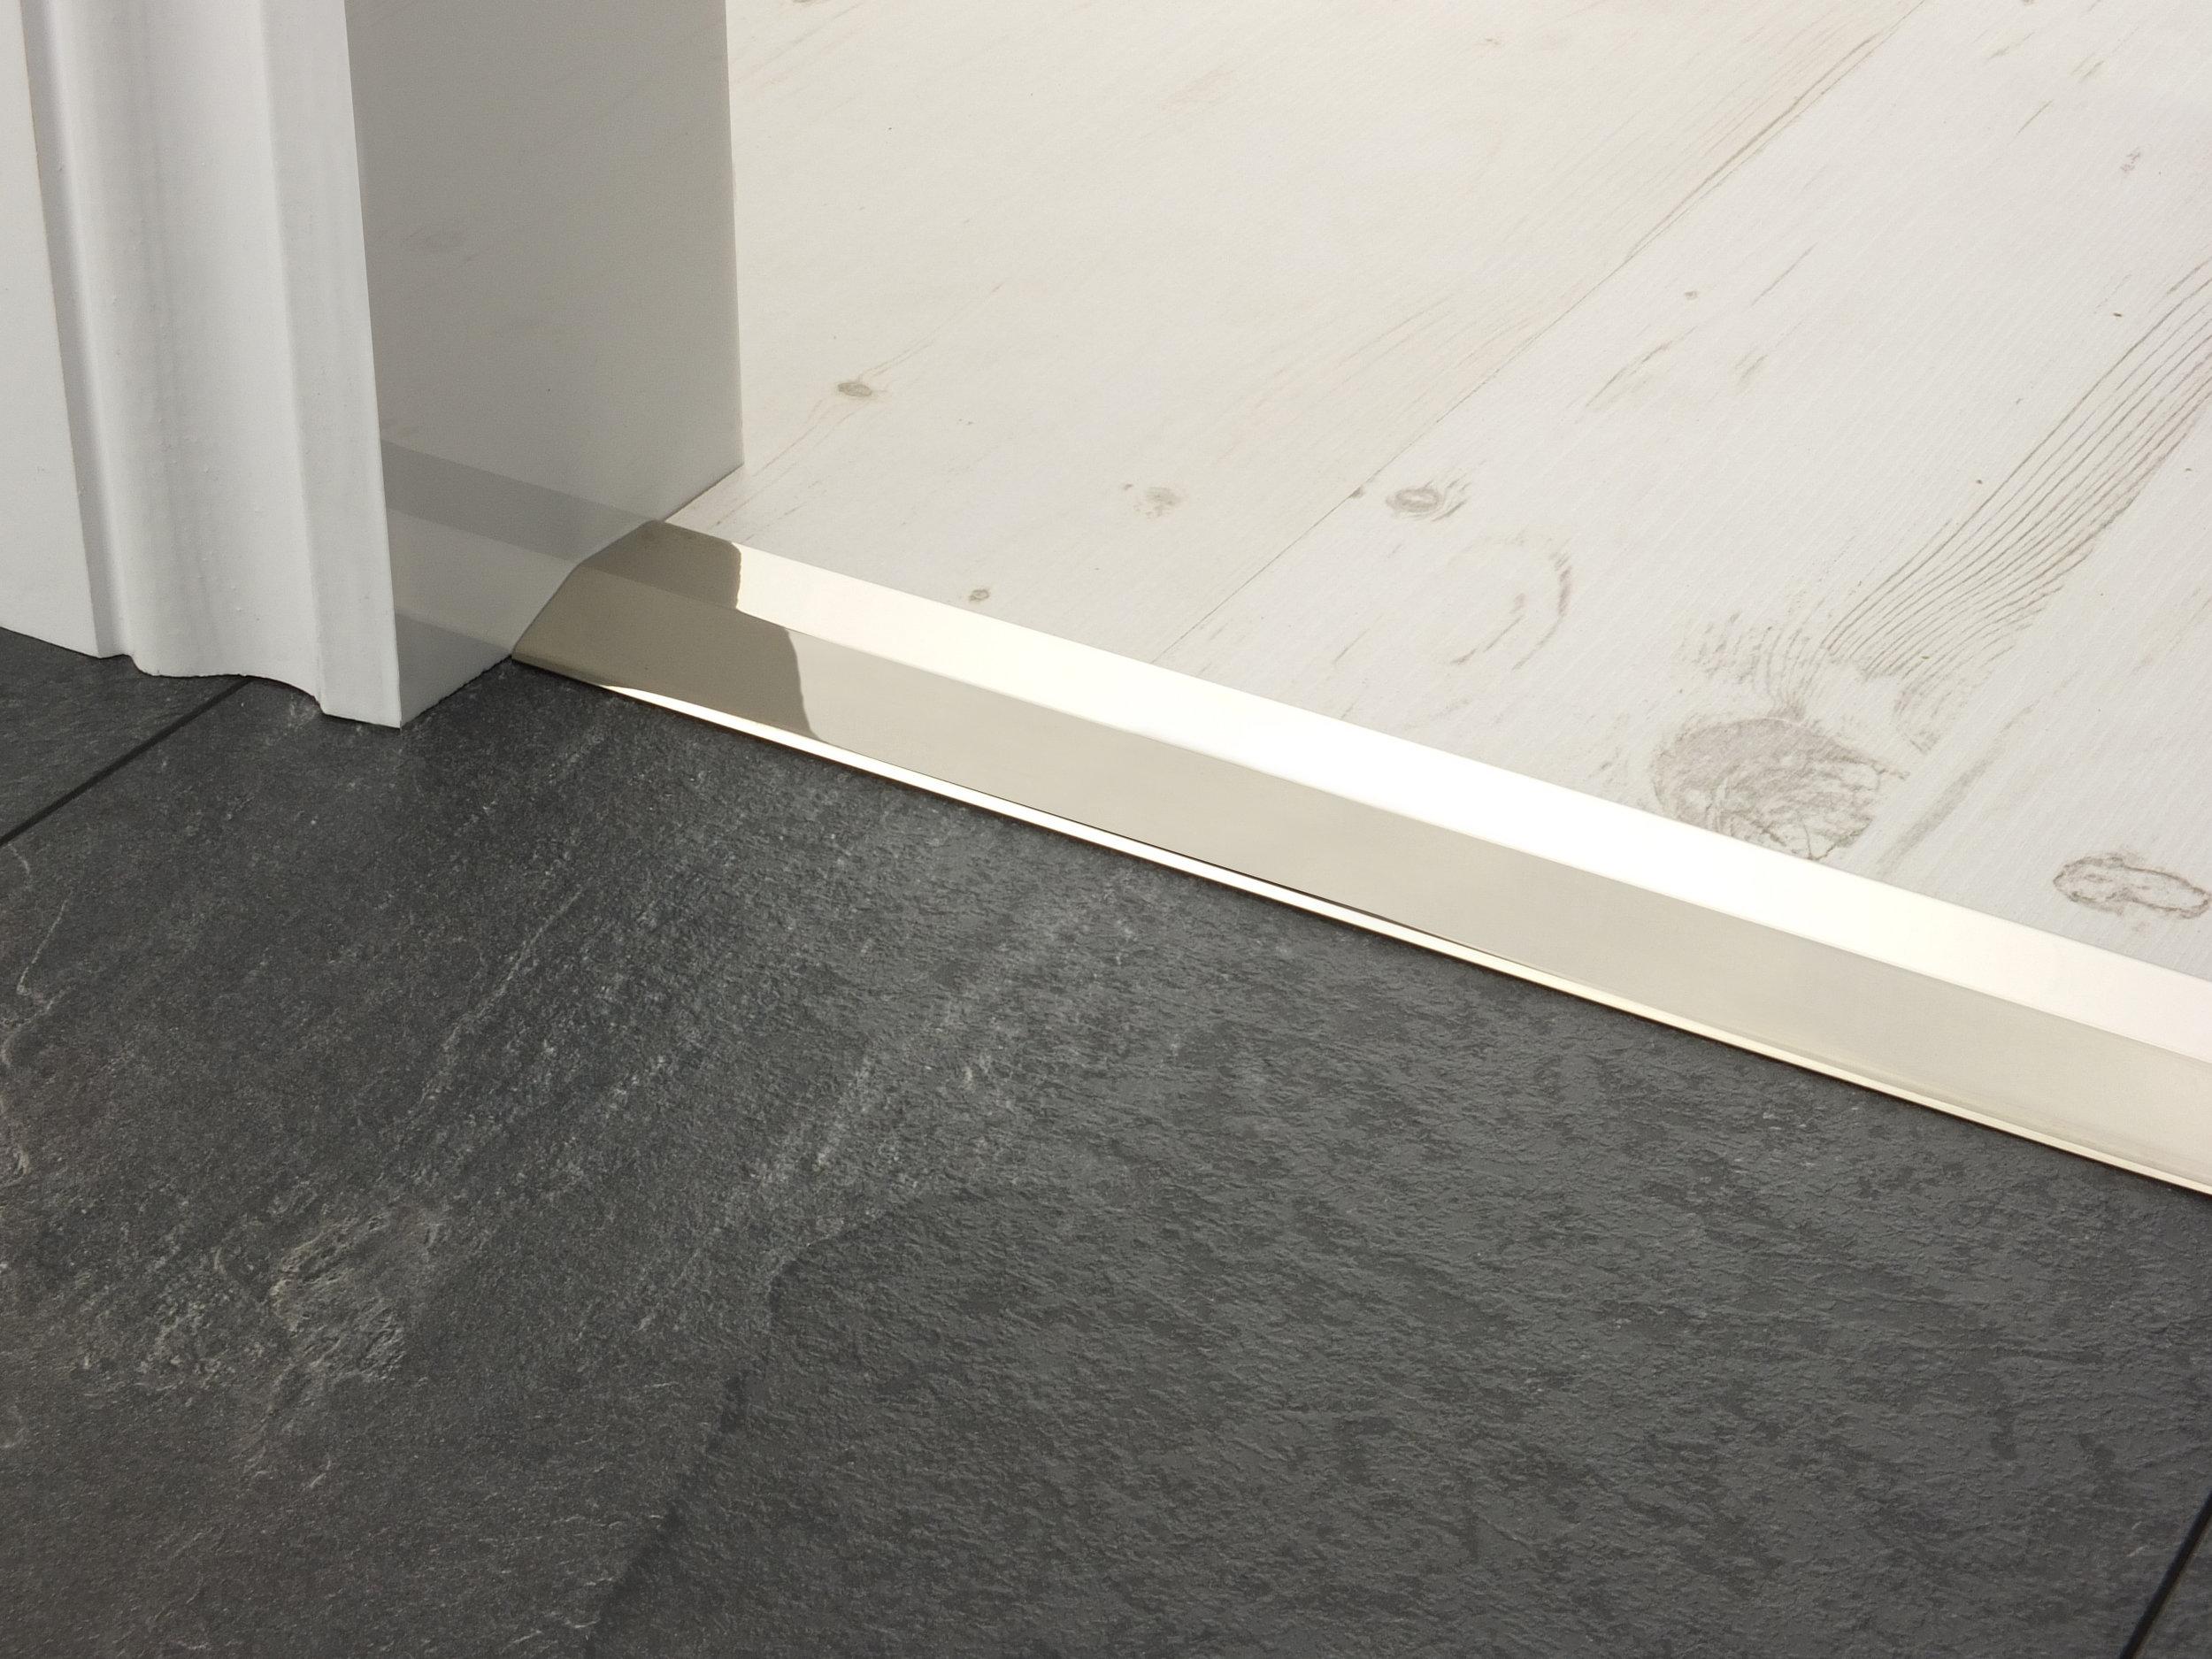 door_bar_polished_nickel_two_way_ramp_6-7mm.jpg